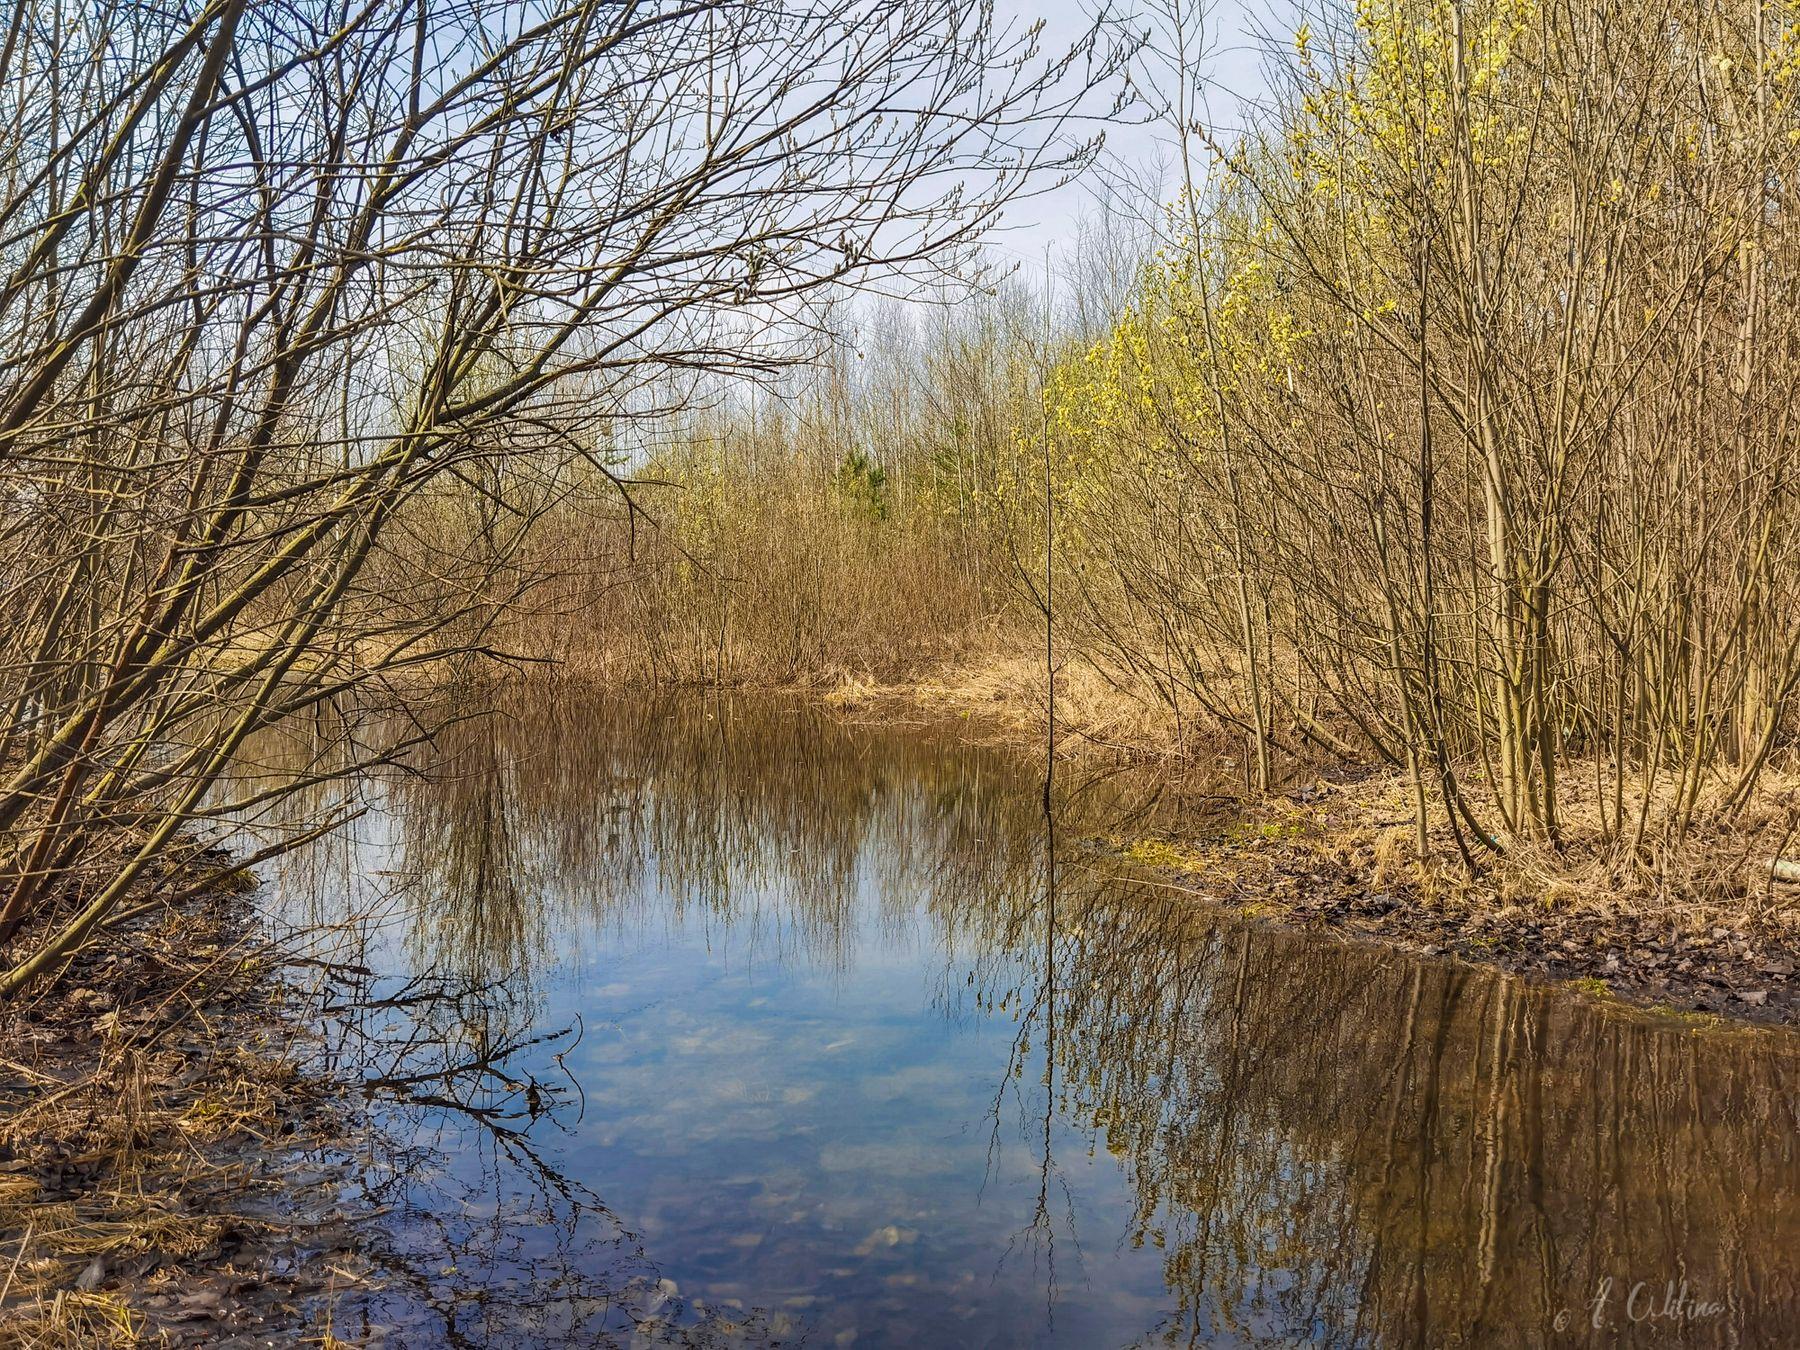 Апрельские дорожки поле лес тропинка лужа вода кусты